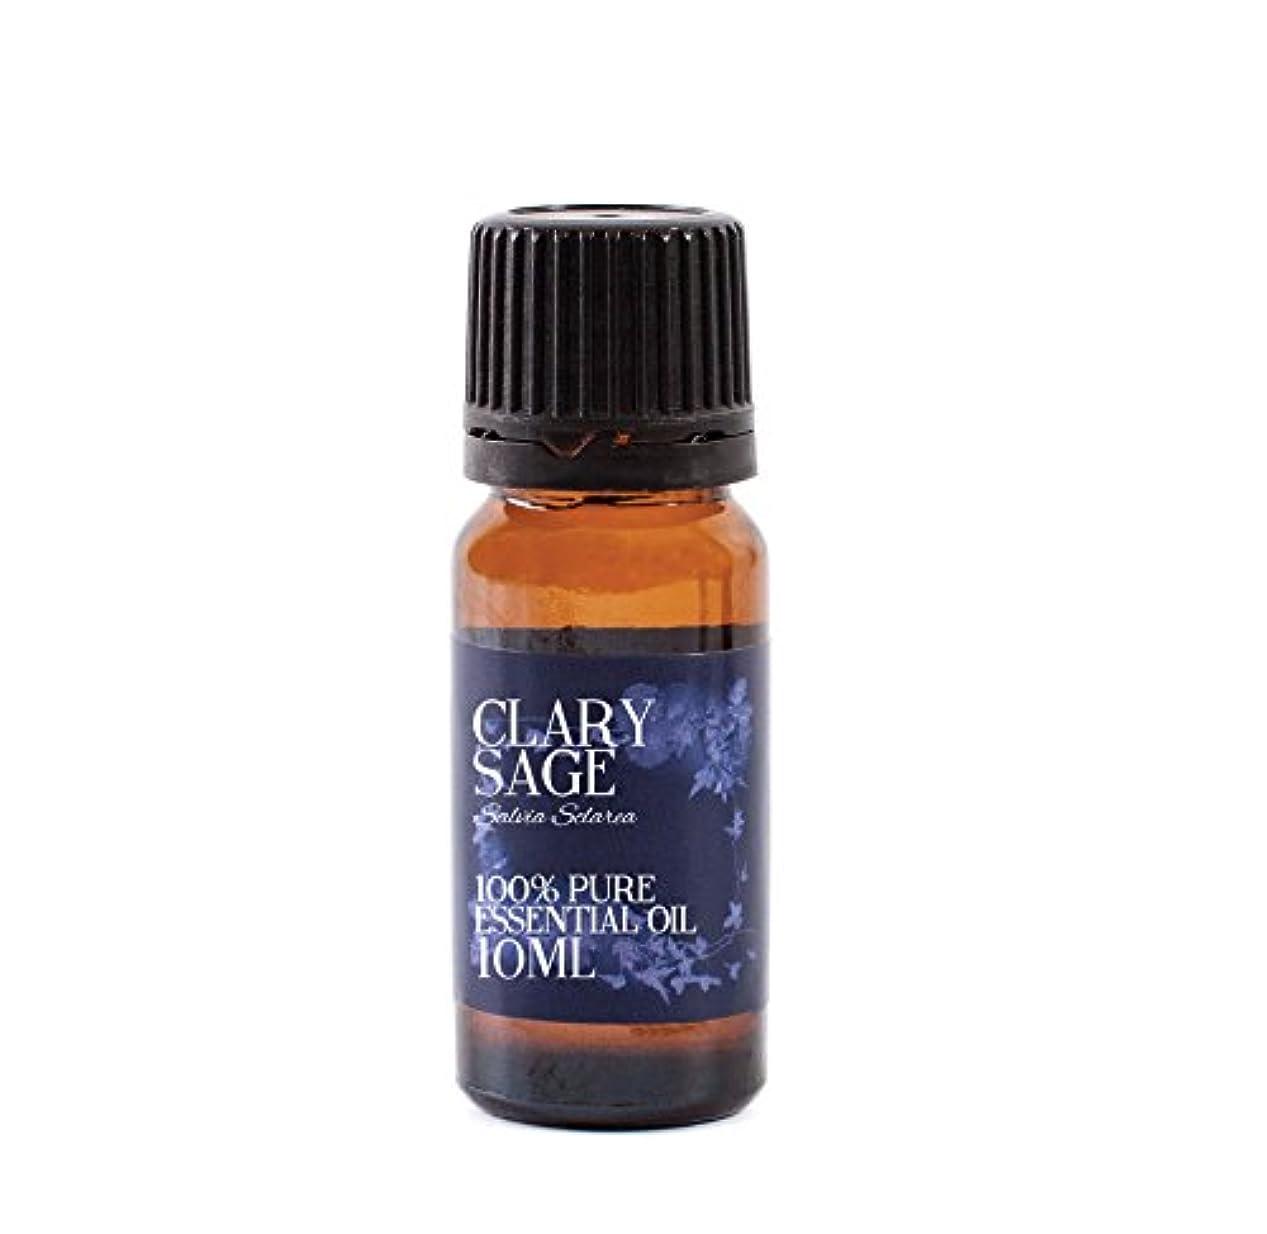 劇場保守可能実験室Mystic Moments | Clary Sage Essential Oil - 10ml - 100% Pure